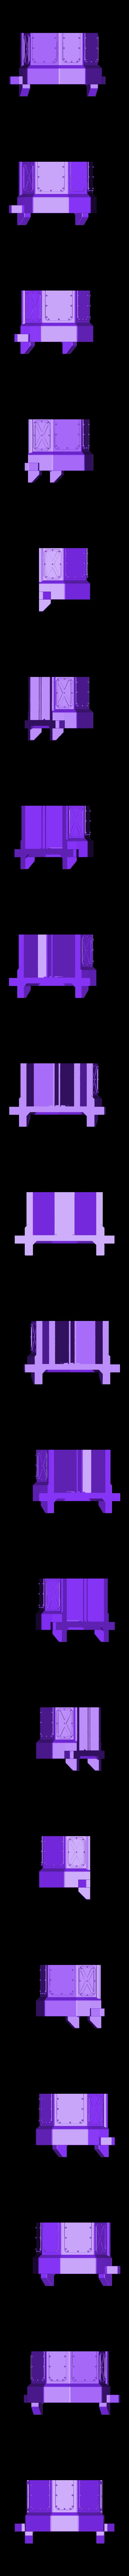 armbar-entrance-side-armour.stl Télécharger fichier STL gratuit Sci-fi bunker bunker bunker 28mm • Design pour impression 3D, Terrain4Print